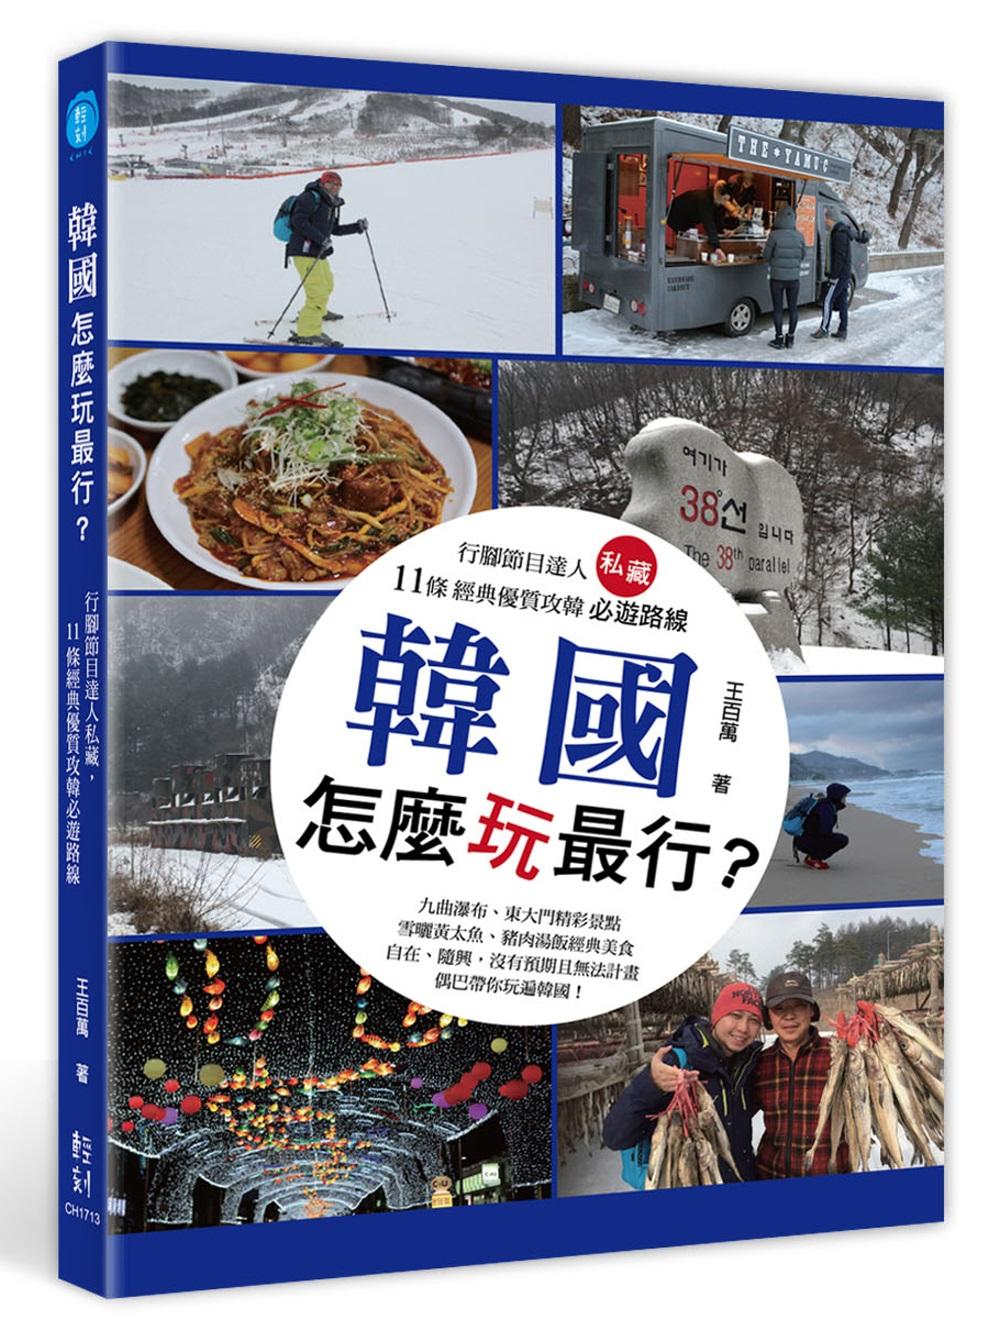 韓國怎麼玩最行?行腳節目達人私藏,11條經典優質攻韓必遊路線